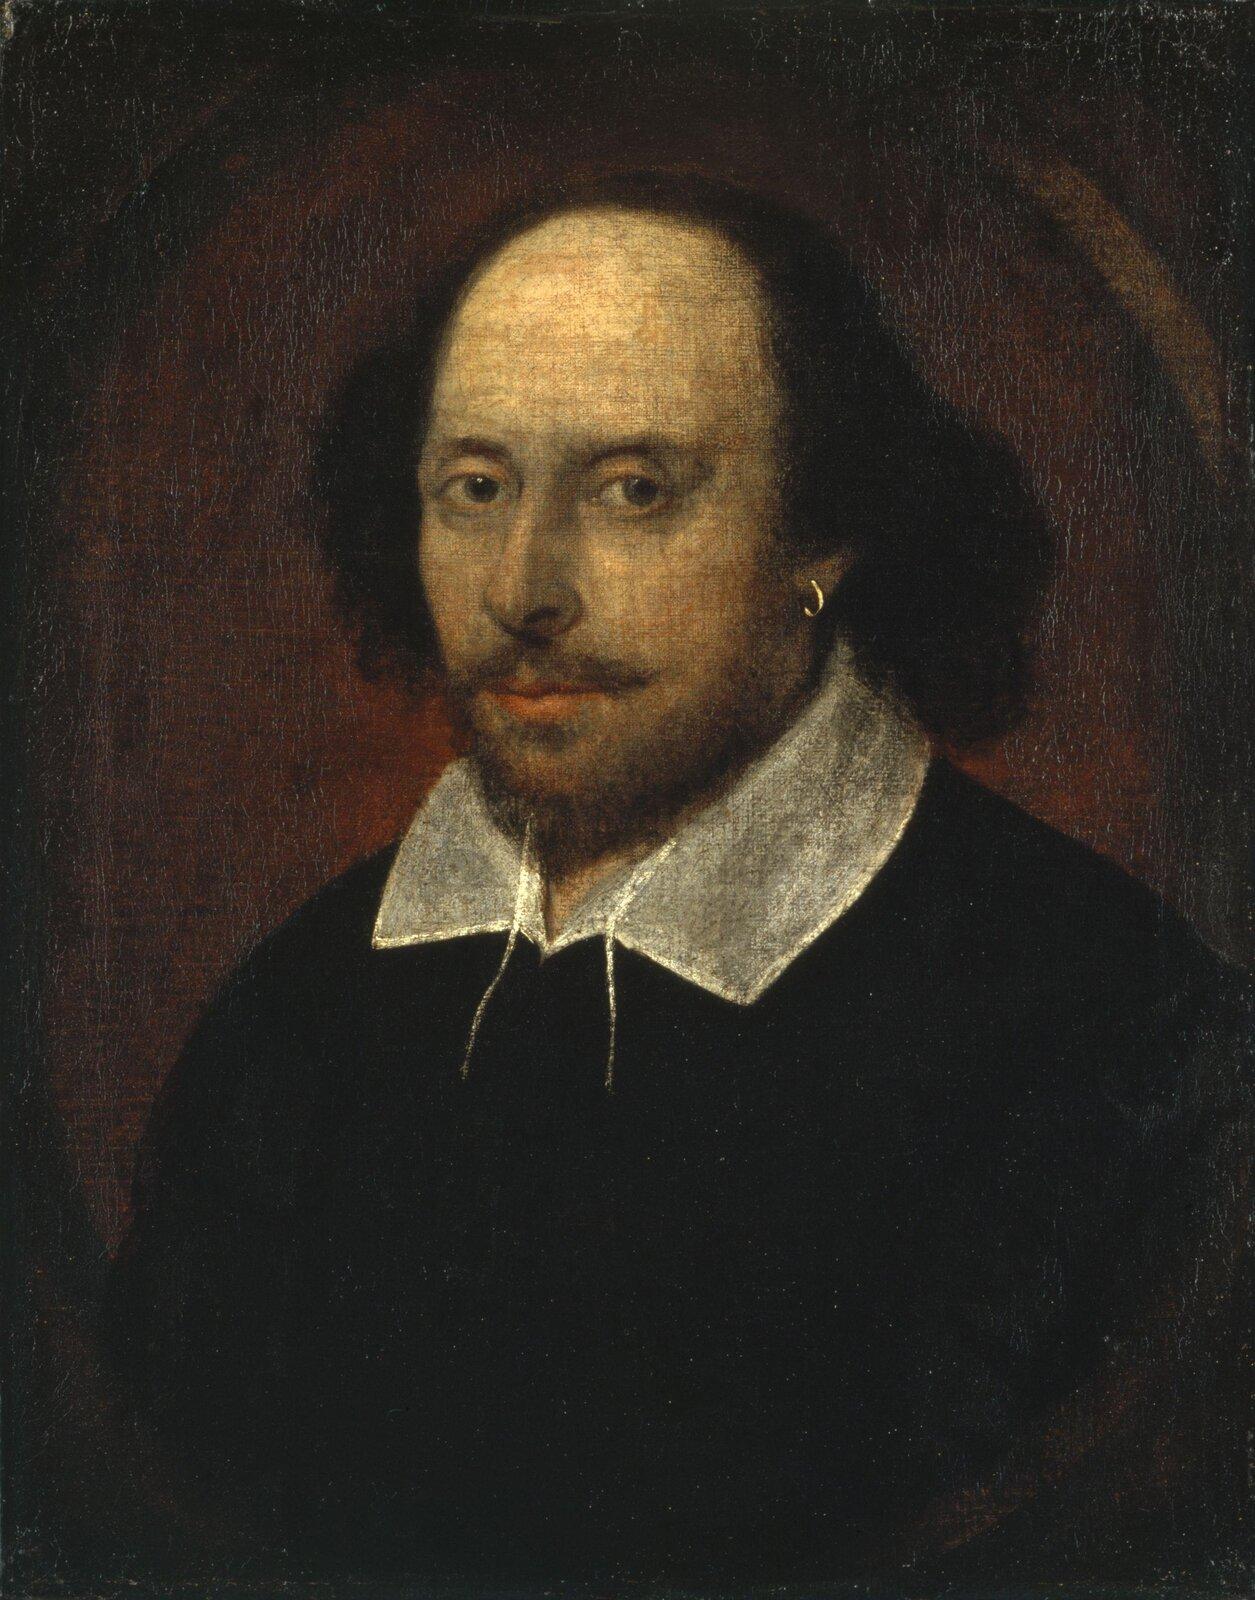 William Shakespeare Źródło: autor nieznany, William Shakespeare, ok. 1610, olej na płótnie, National Portrait Gallery wLondynie, domena publiczna.